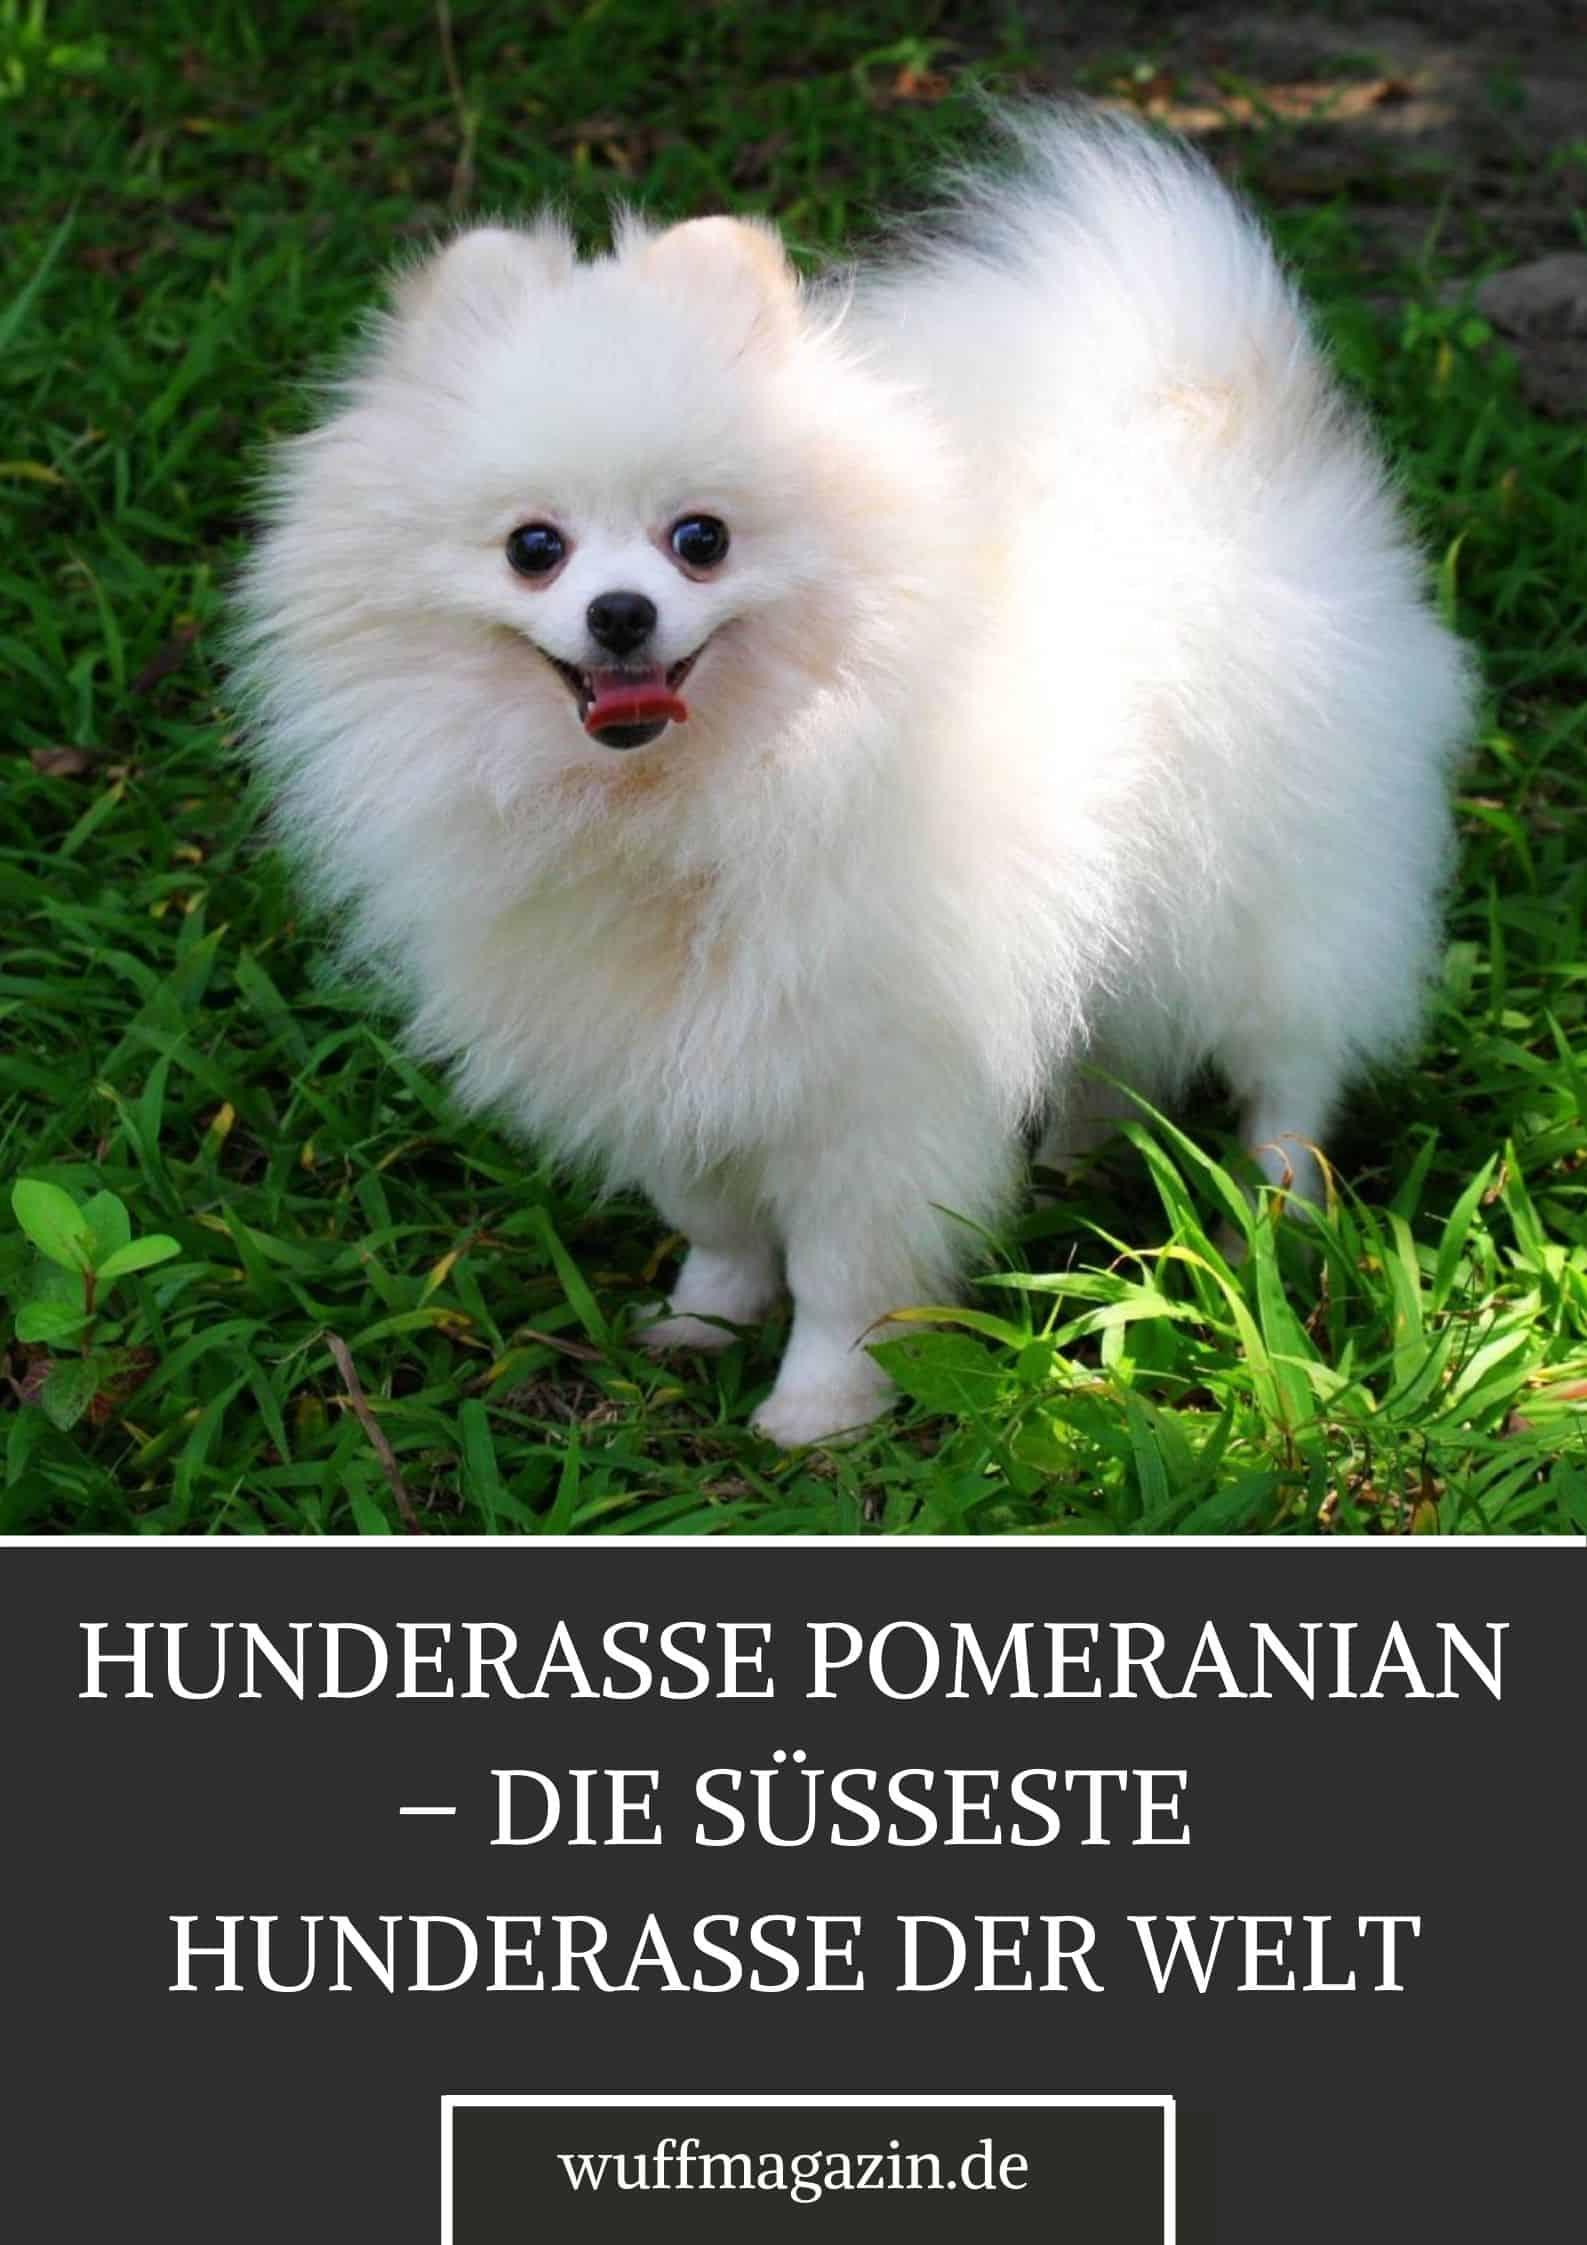 Hunderasse Pomeranian - Die Süsseste Hunderasse Der Welt